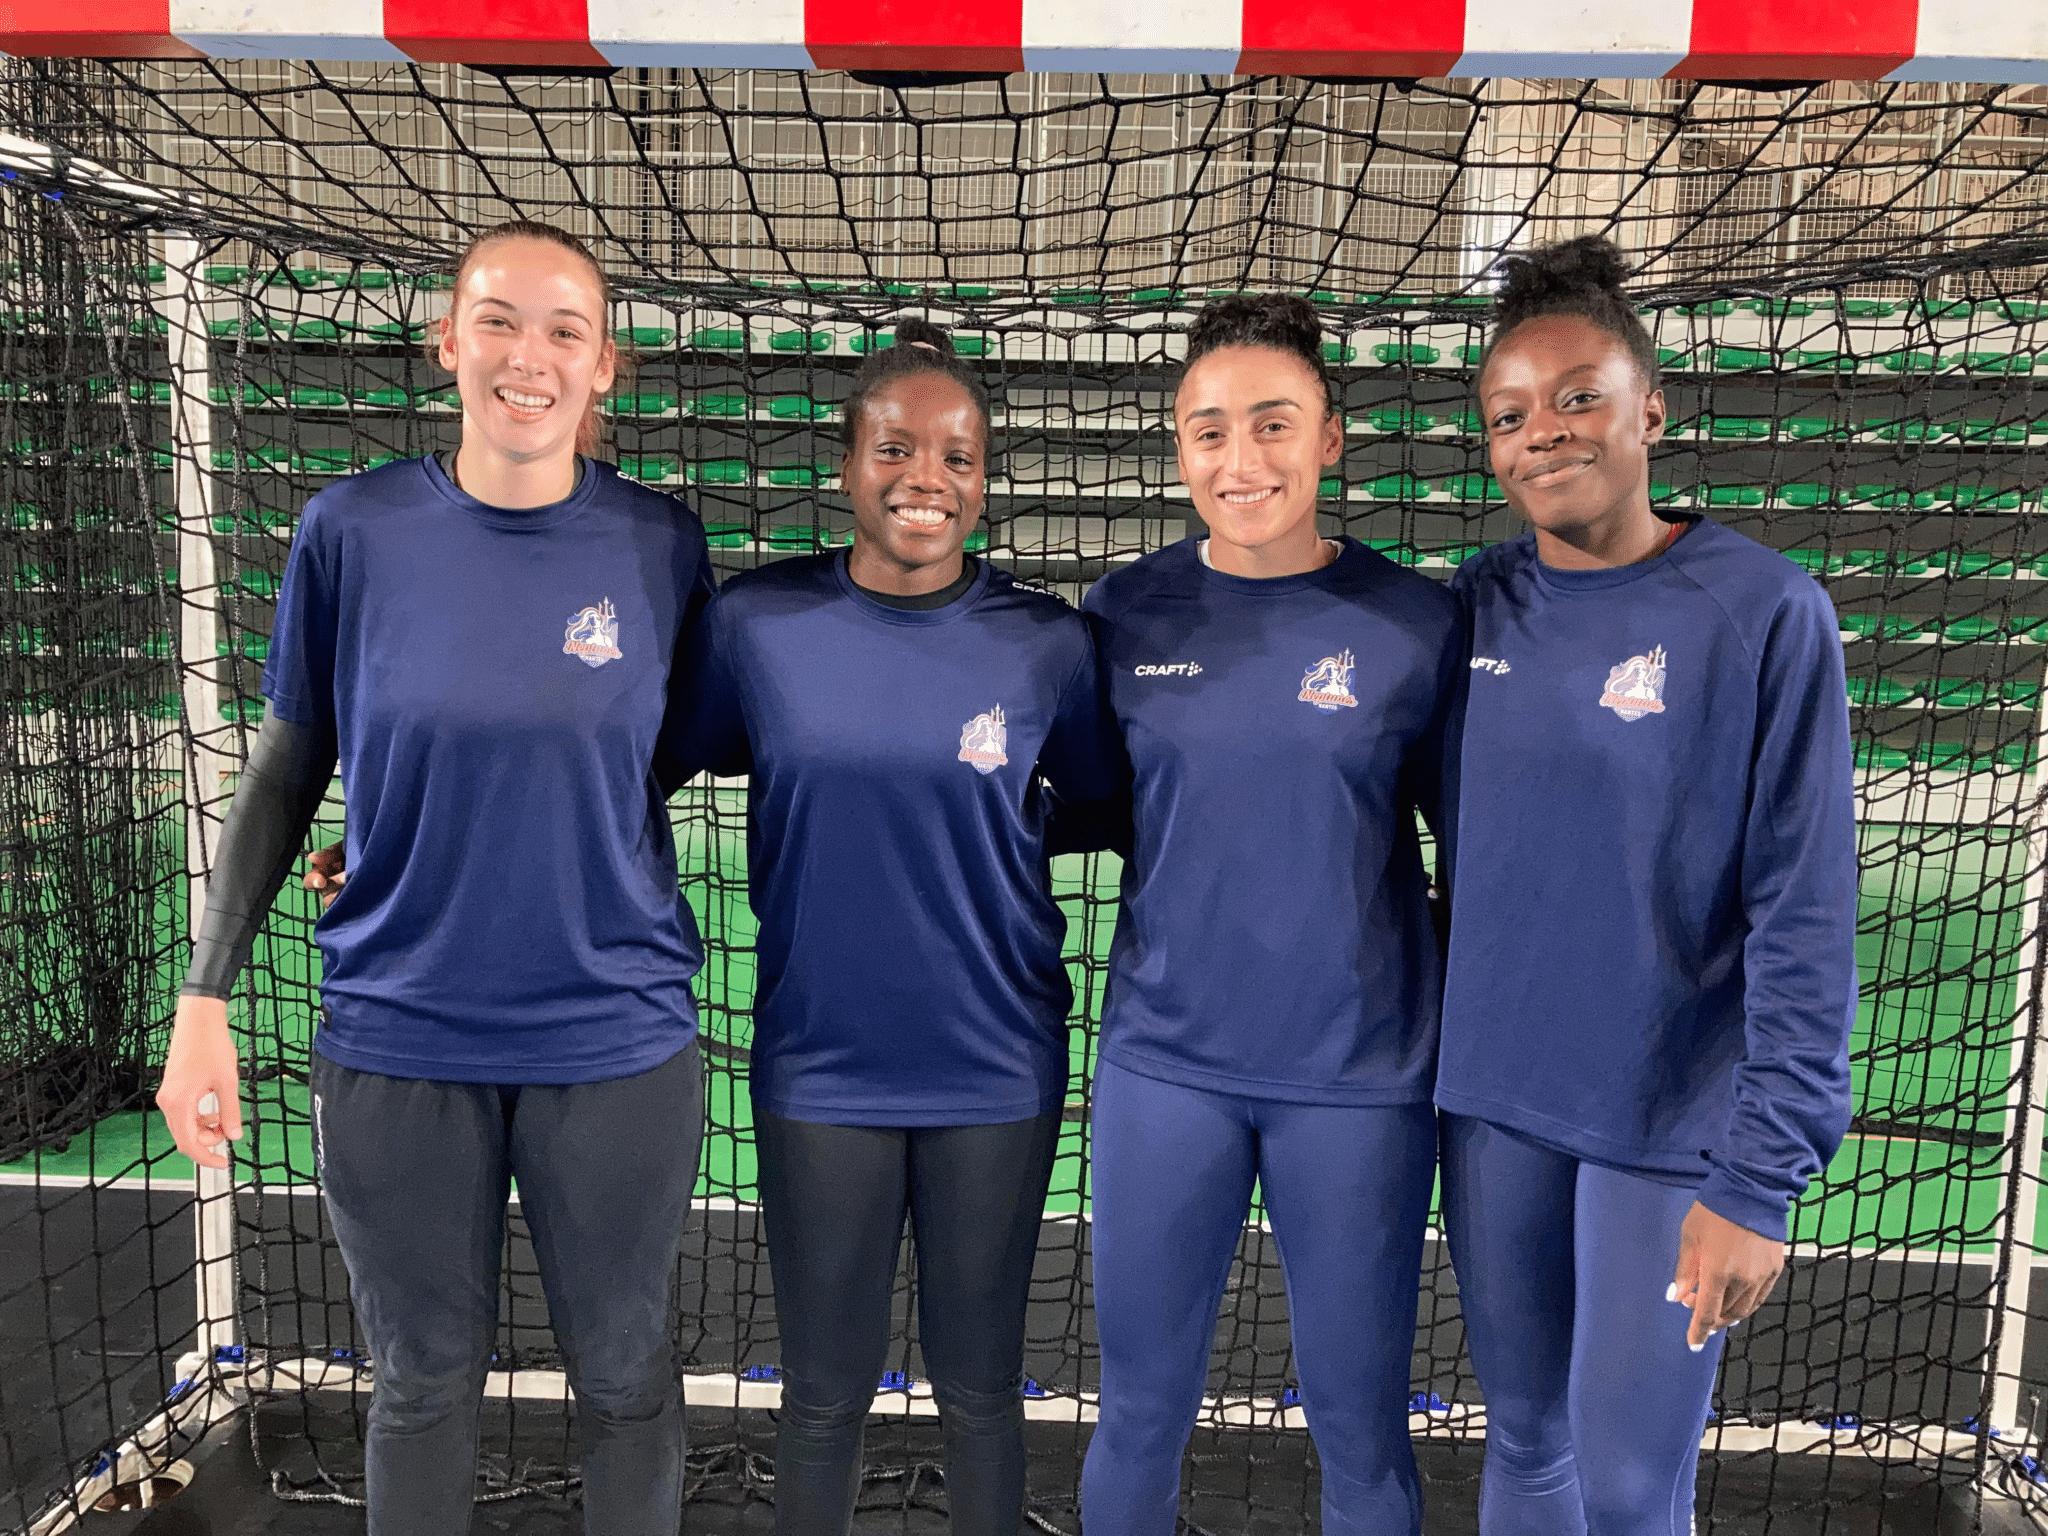 Floriane André, Déborah Kpodar, Orlane Ahanda et Oriane Ondono ont été appelées par Olivier Krumbholz pour un stage avec l'équipe de France A.